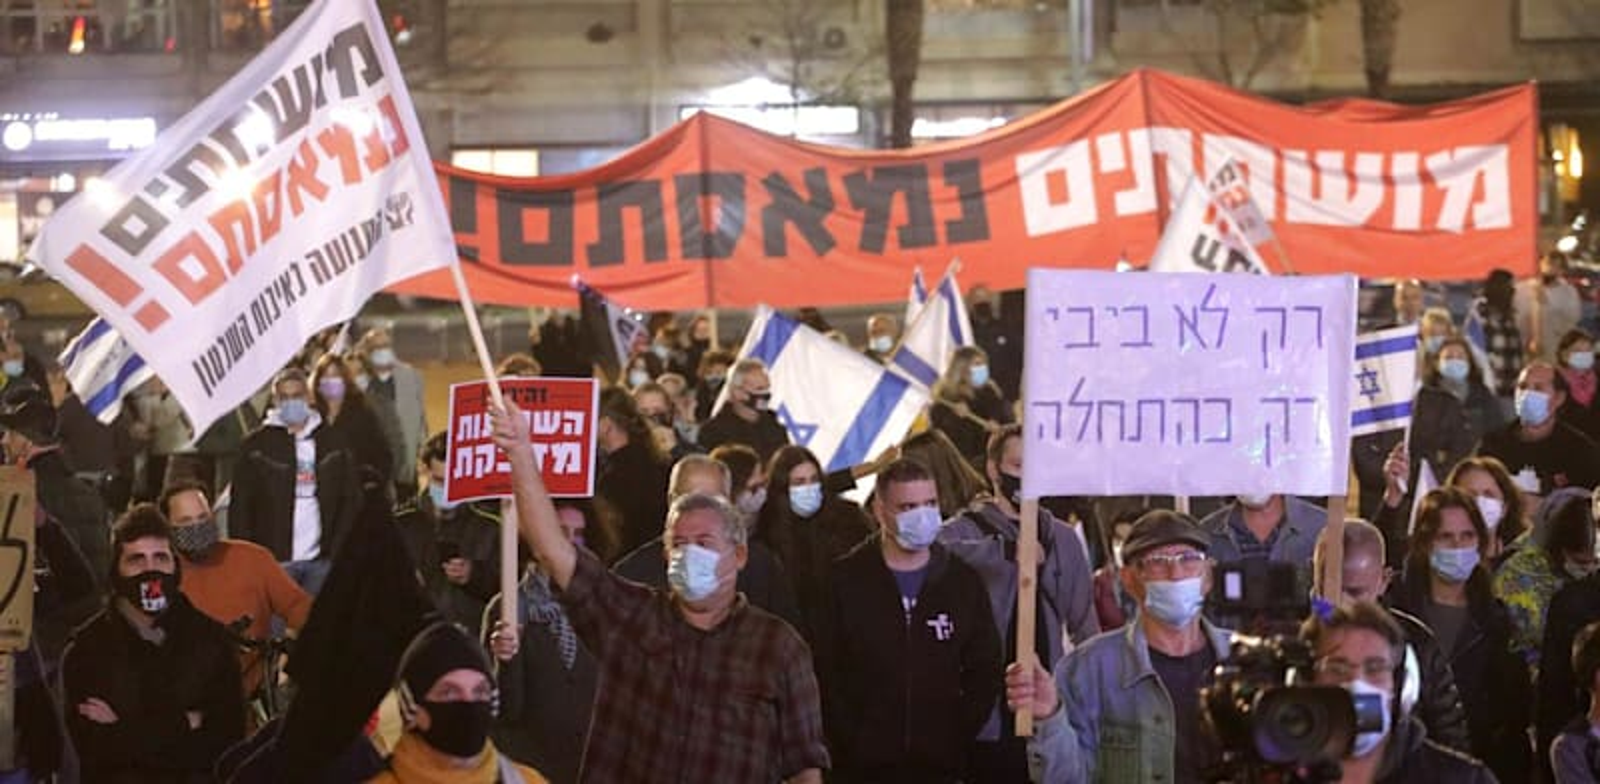 מפגינים בכיכר רבין בתל אביב / צילום: התנועה לאיכות השלטון